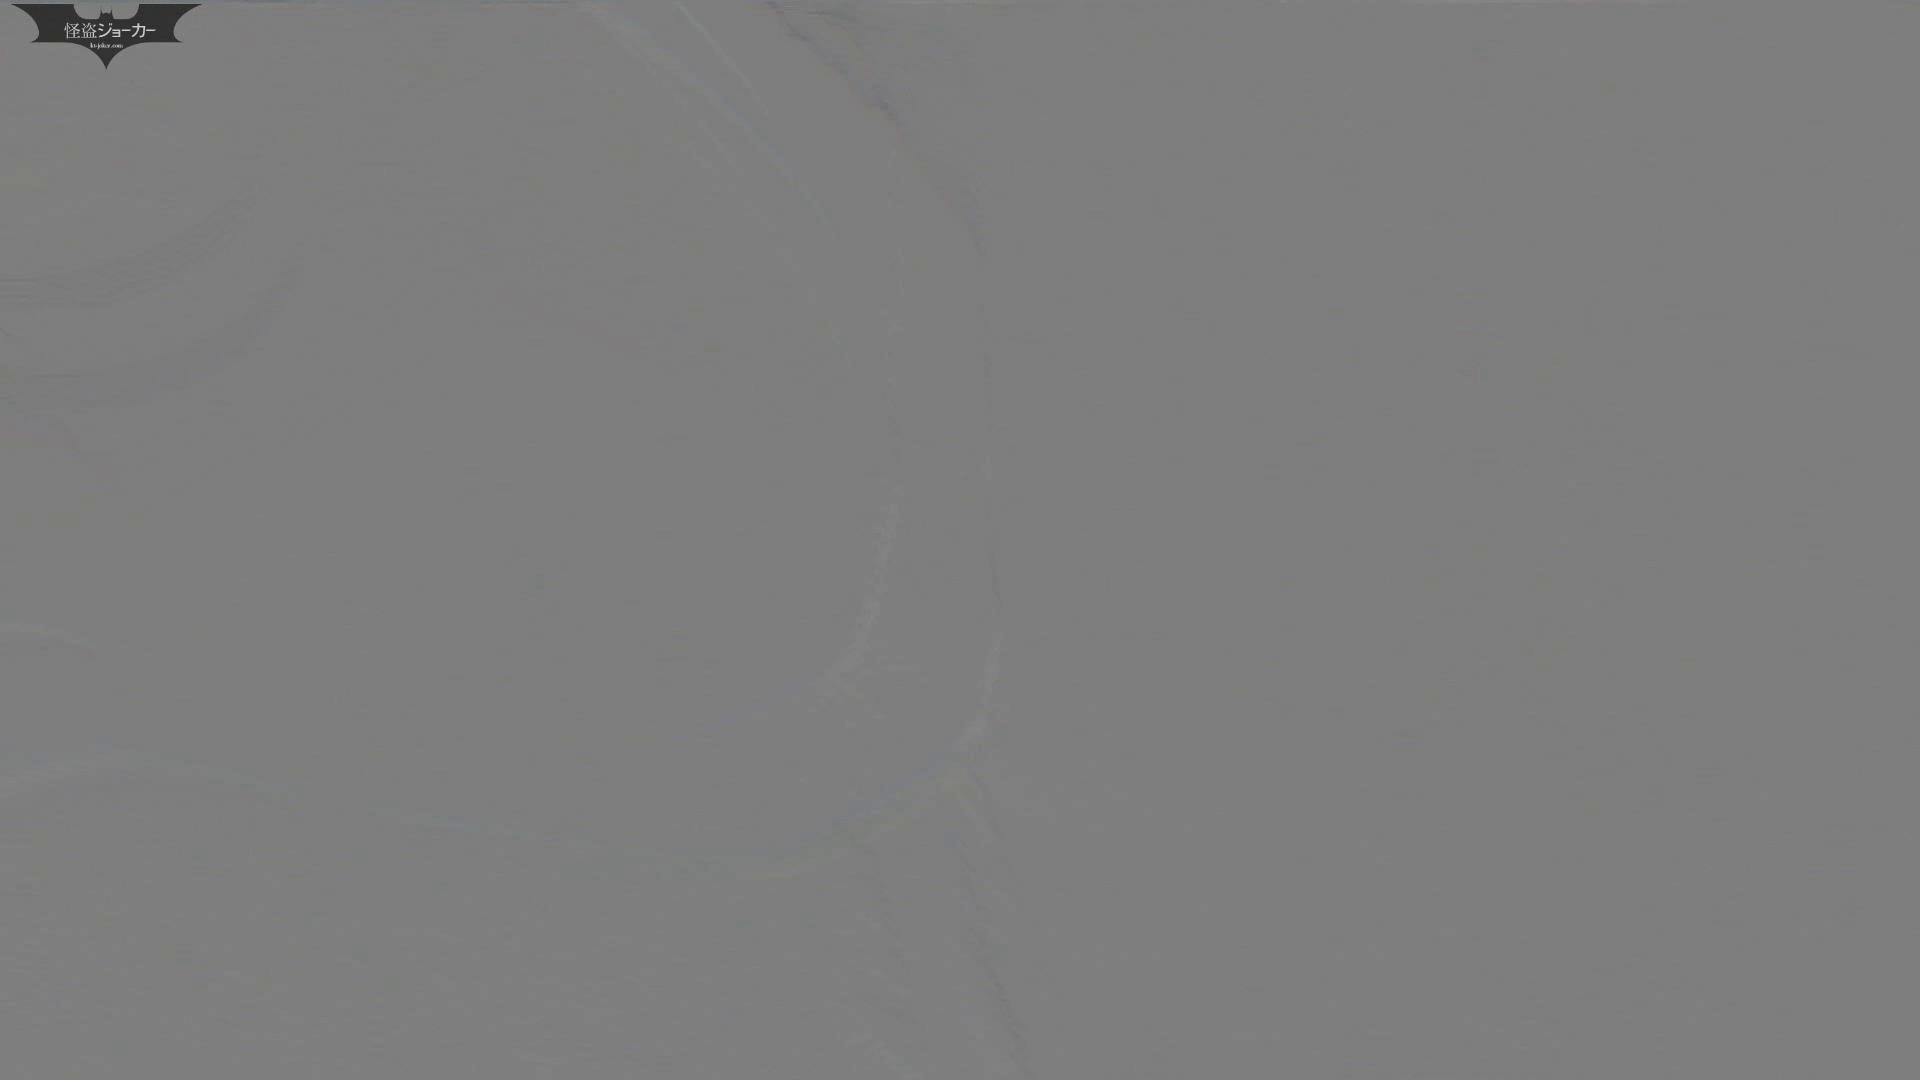 阿国ちゃんの和式洋式七変化 Vol.25 ん?突起物が・・・。 丸見えマンコ | 和式  96画像 93